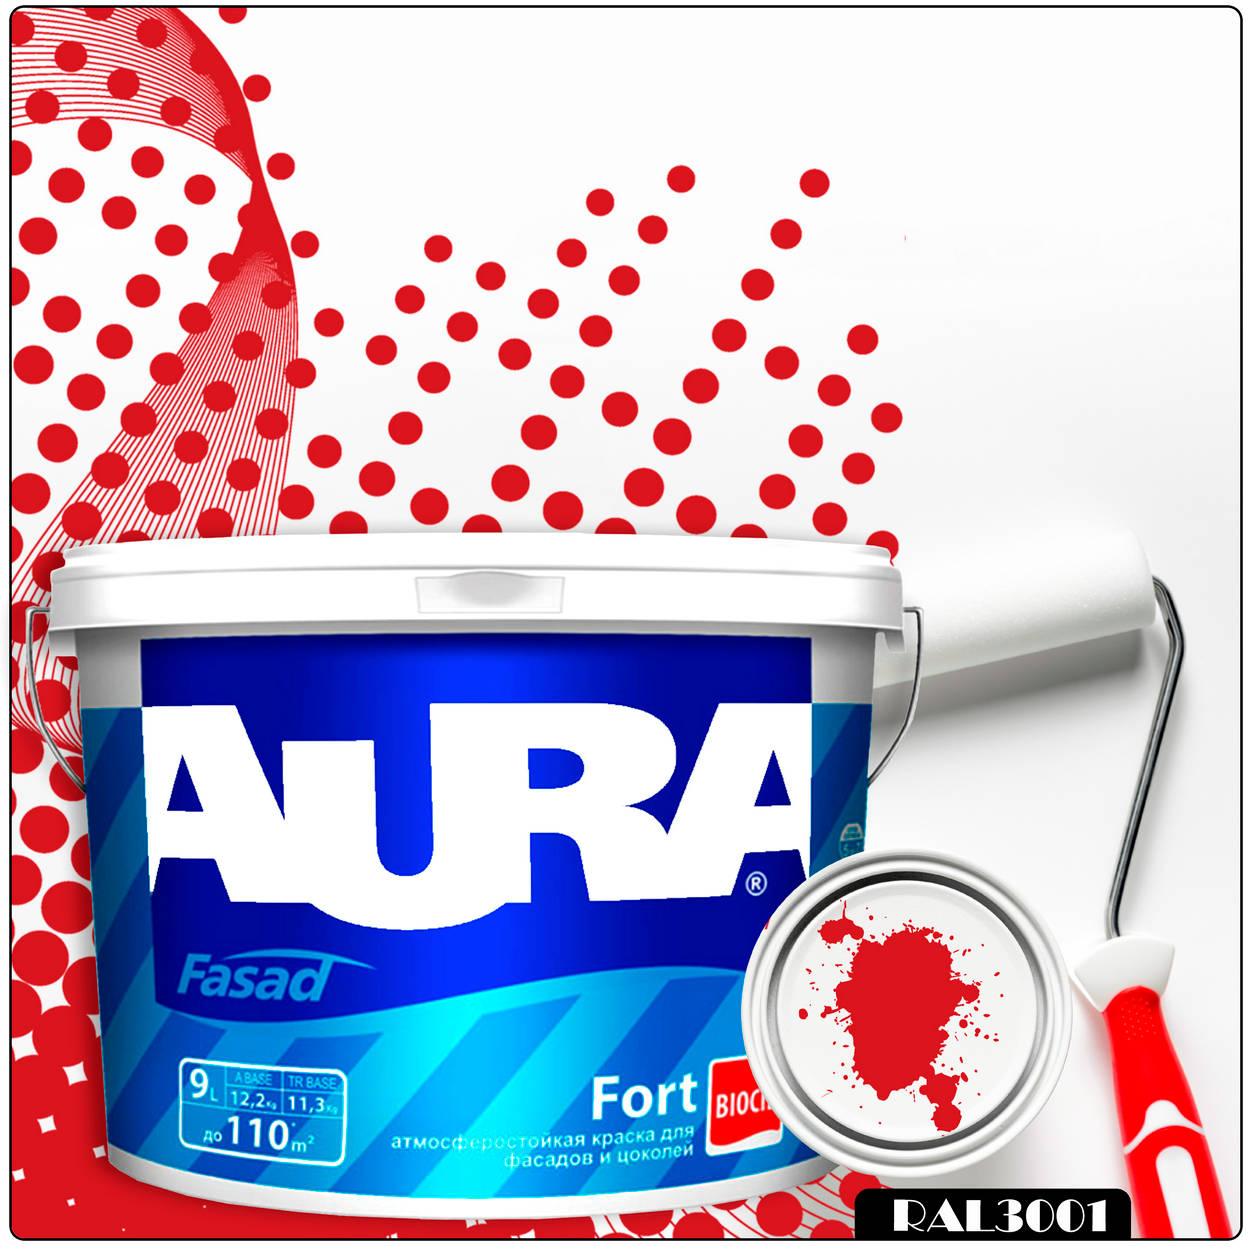 Фото 2 - Краска Aura Fasad Fort, RAL 3001 Сигнальный-красный, латексная, матовая, для фасада и цоколей, 9л, Аура.